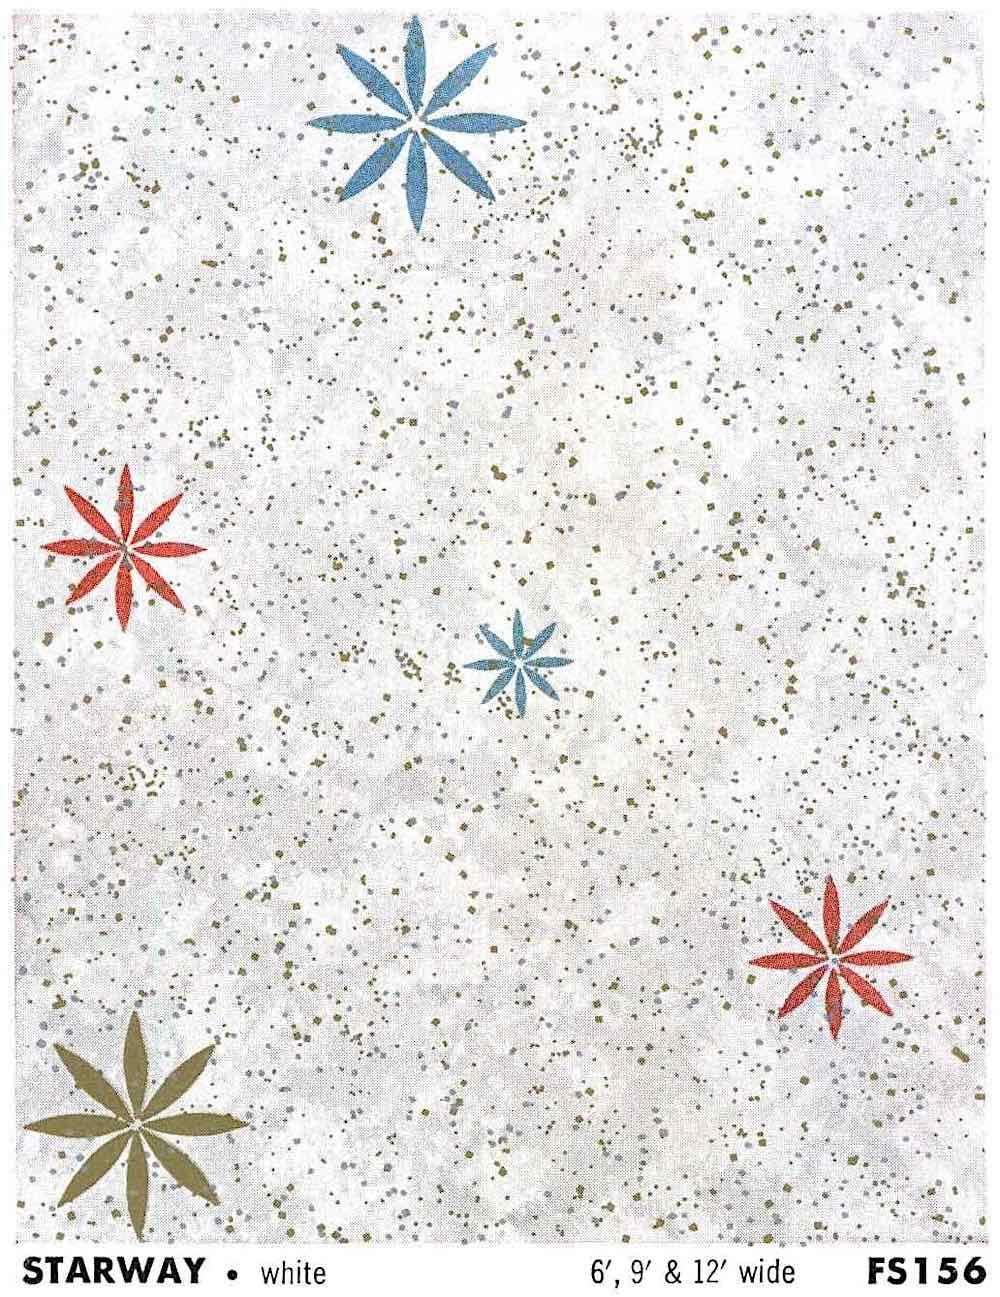 1960 linoleum with starbursts